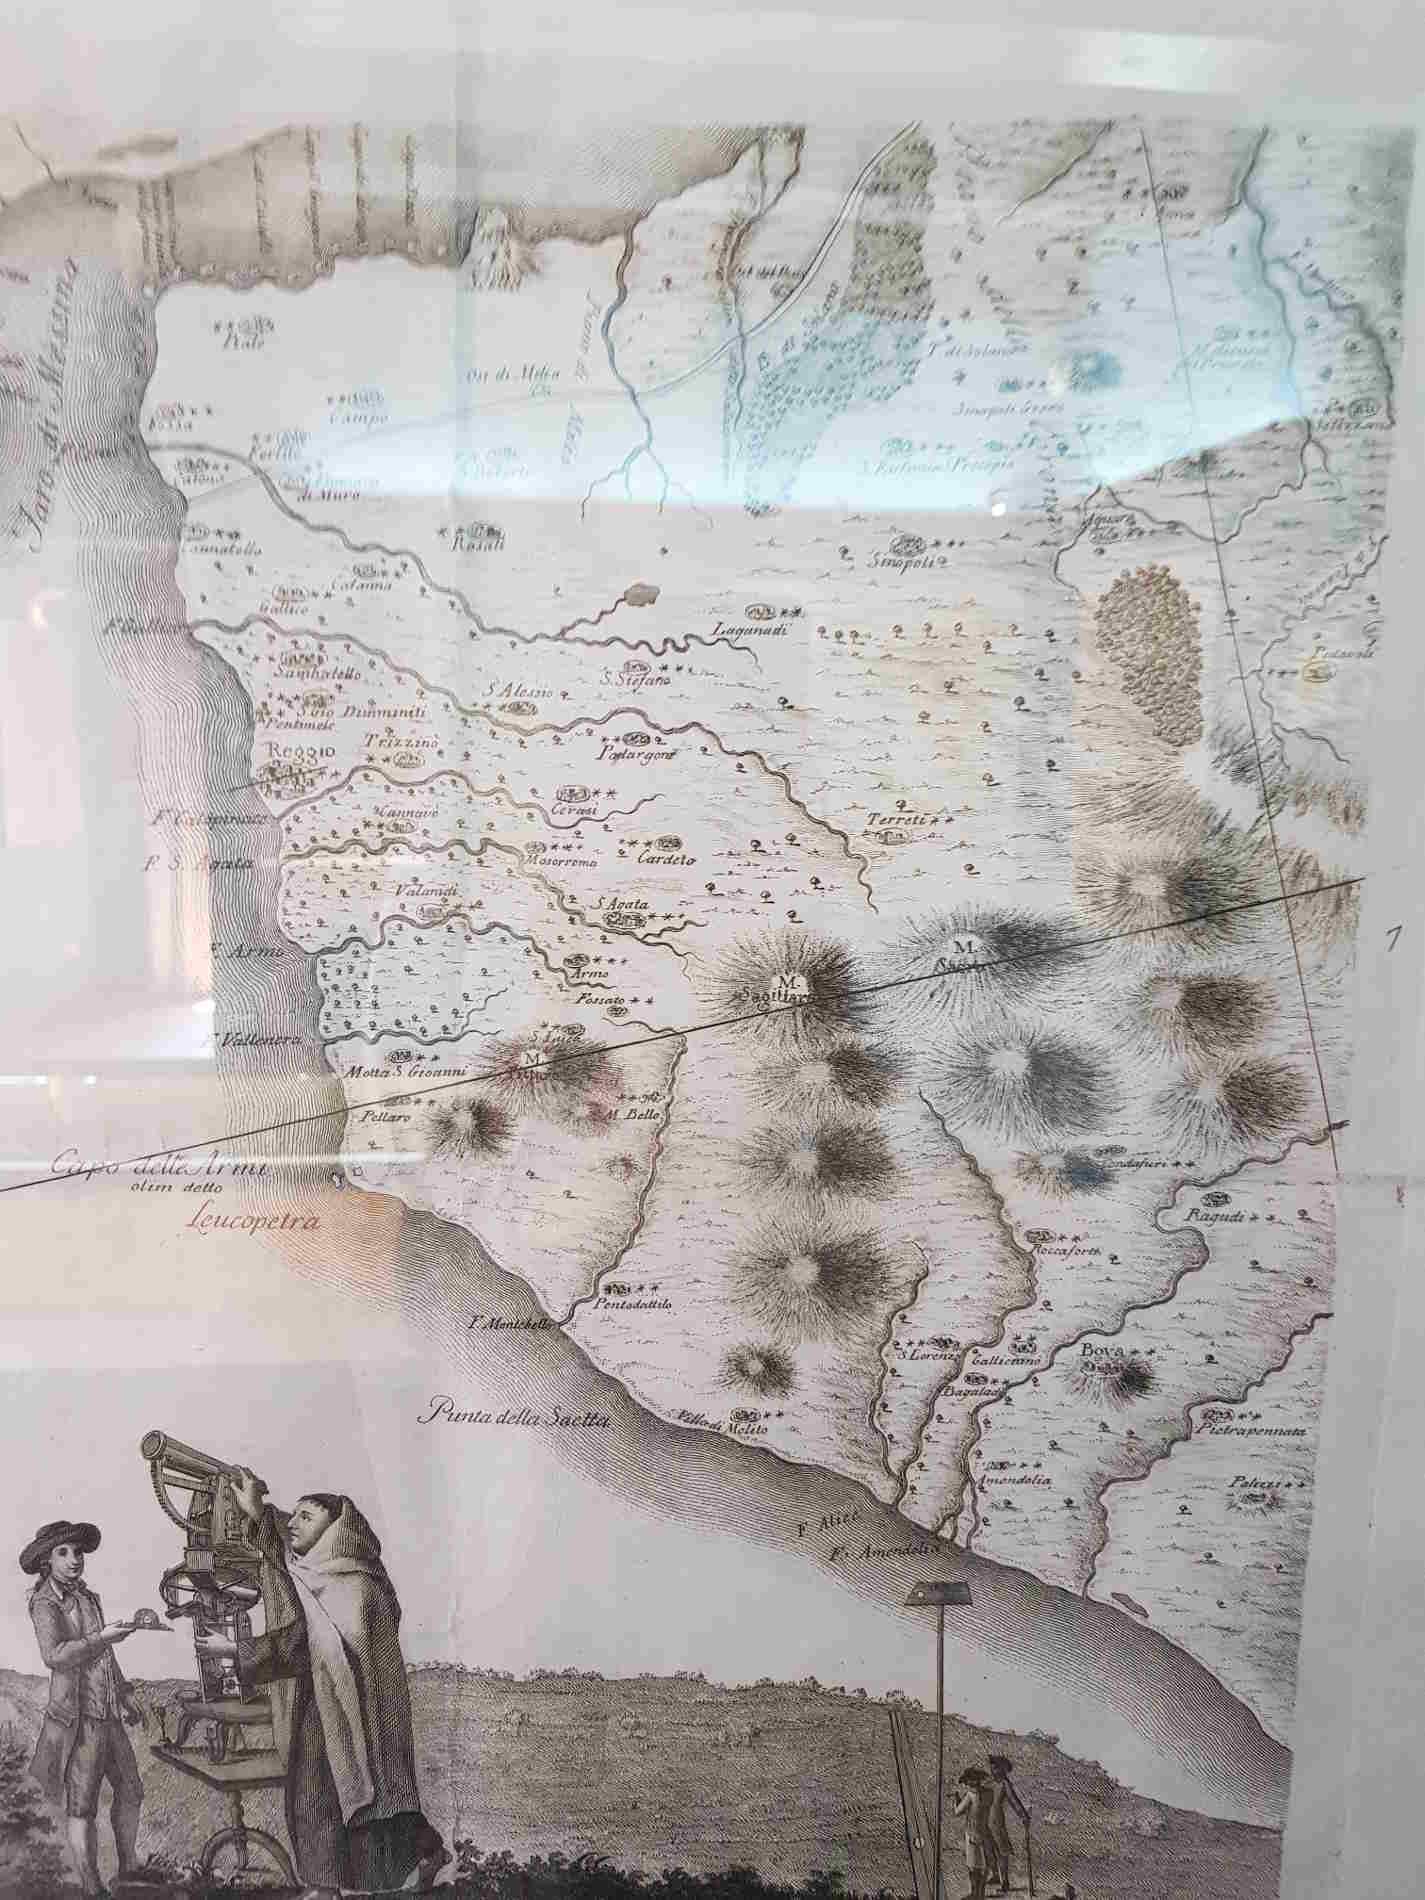 Carte Corografiche della Calabria Ulteriore di Padre Eliseo della Concezione